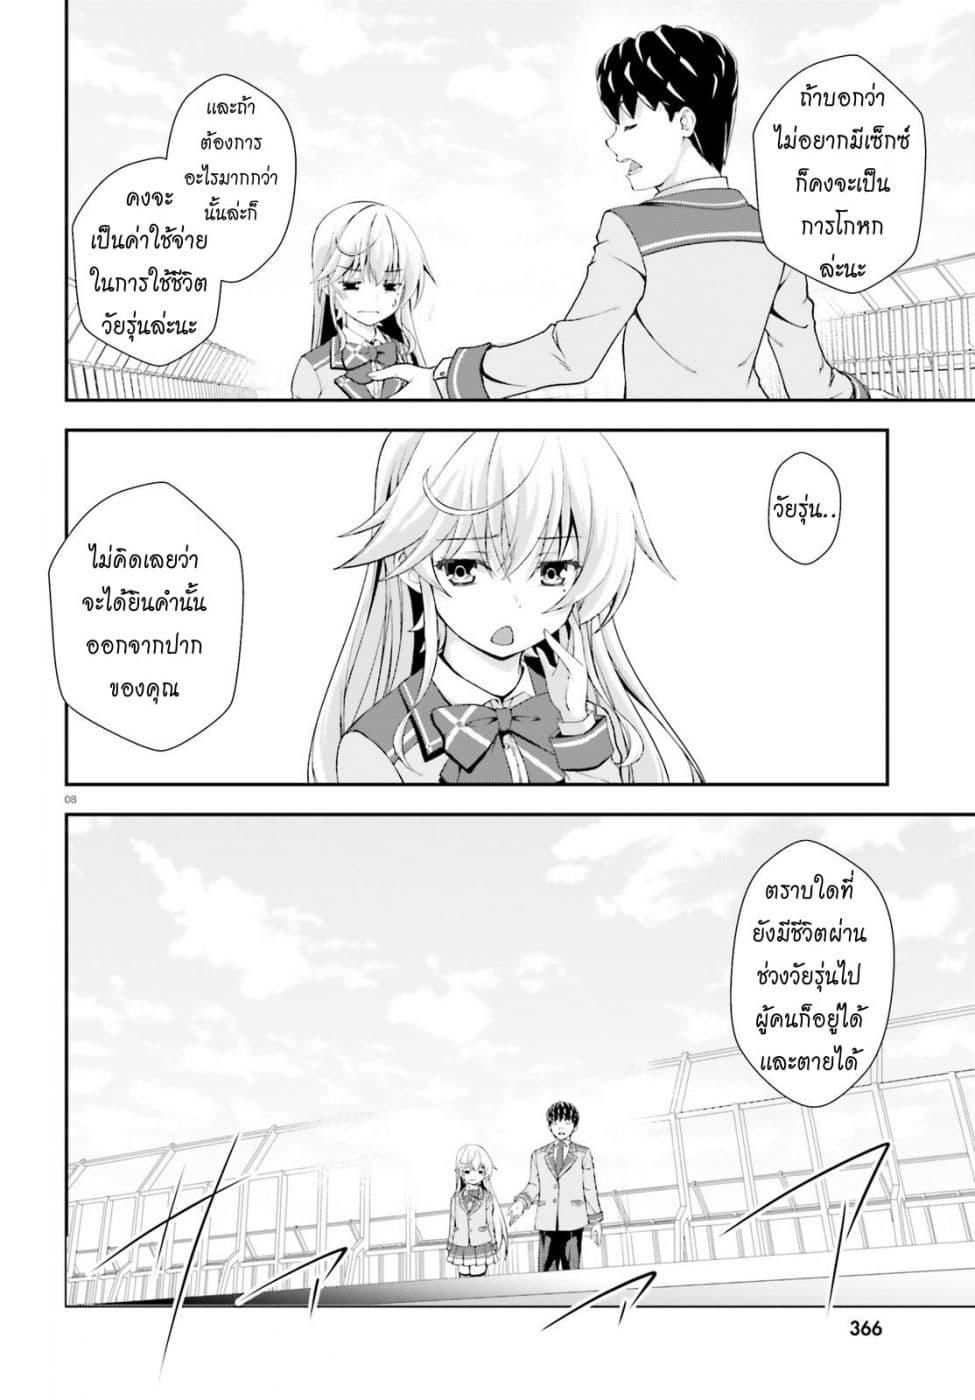 อ่านการ์ตูน Nishino Gakunai Caste Saikai Ni Shite Ino Sekai Saikyo No Shonen ตอนที่ 6 หน้าที่ 5